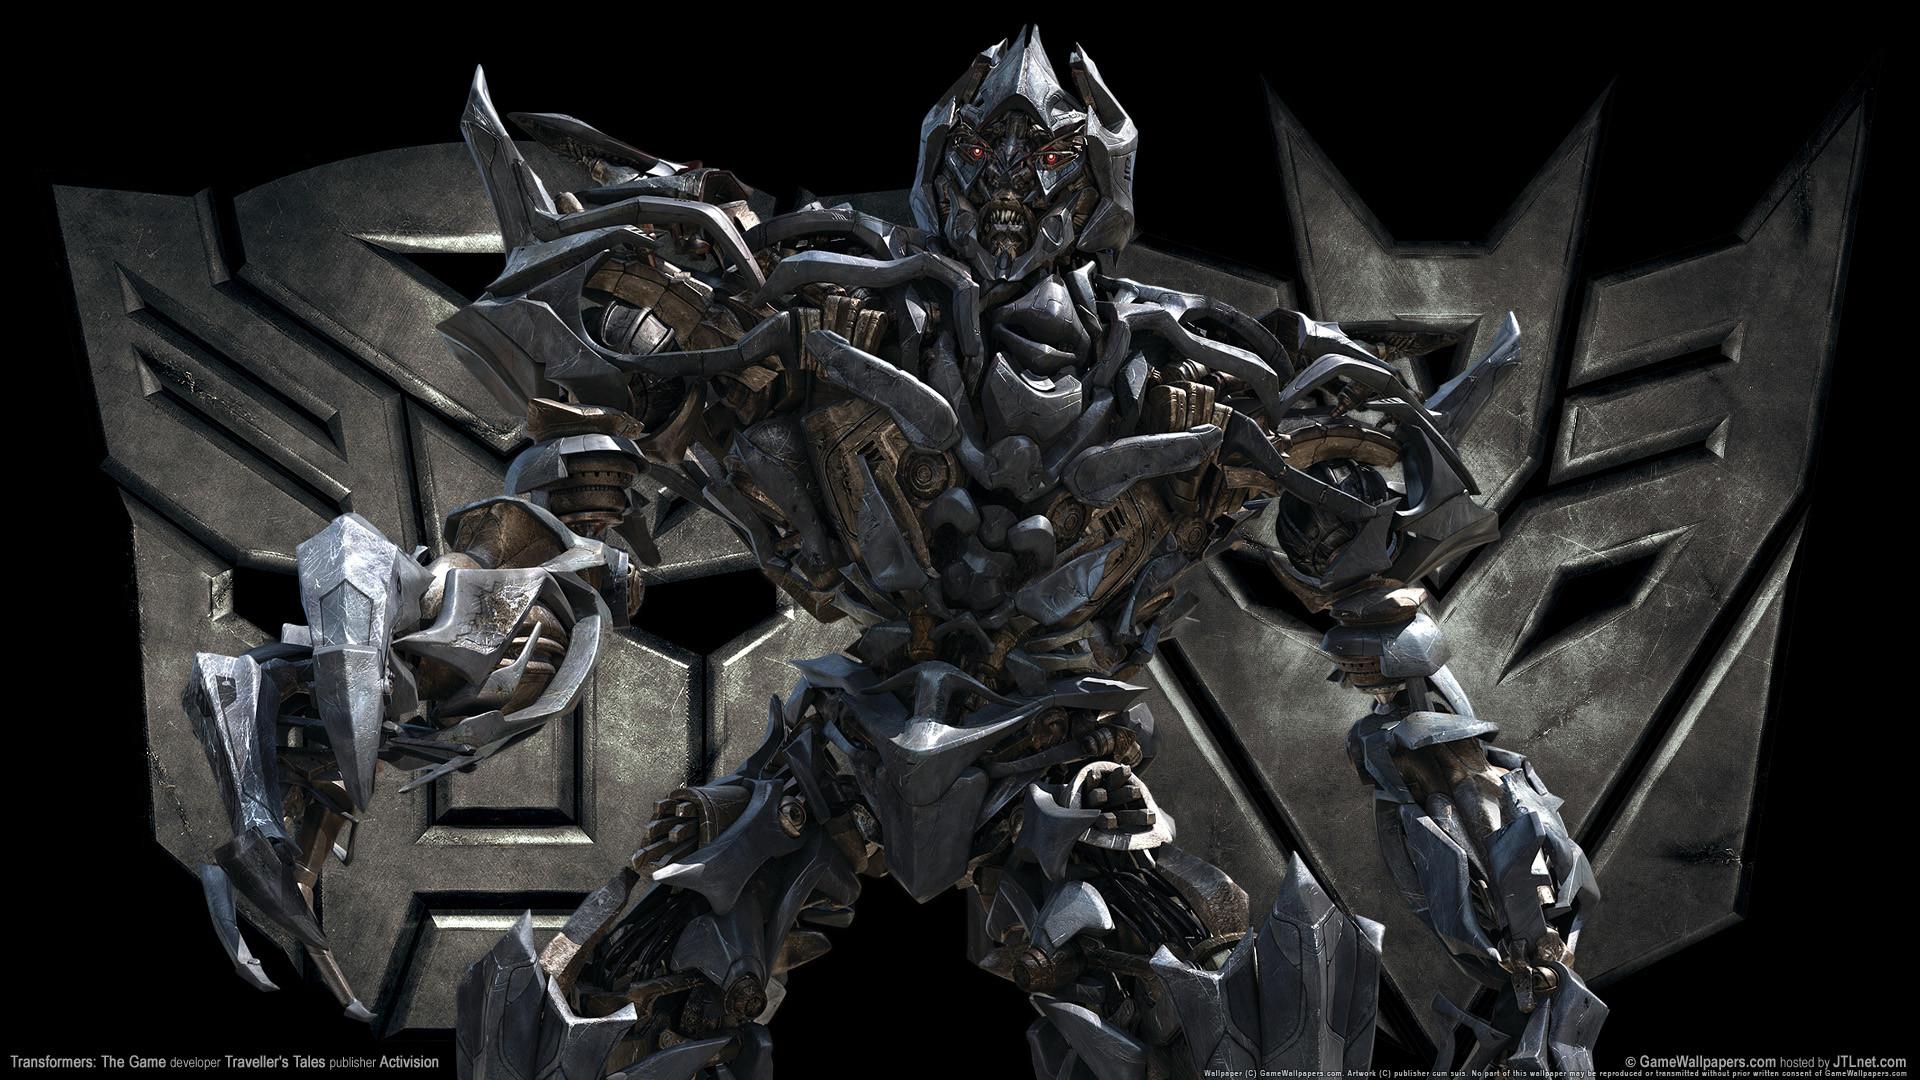 Autobot Vs Decepticon Transformer Logo Wallpaper | HD Wallpaper | Pinterest